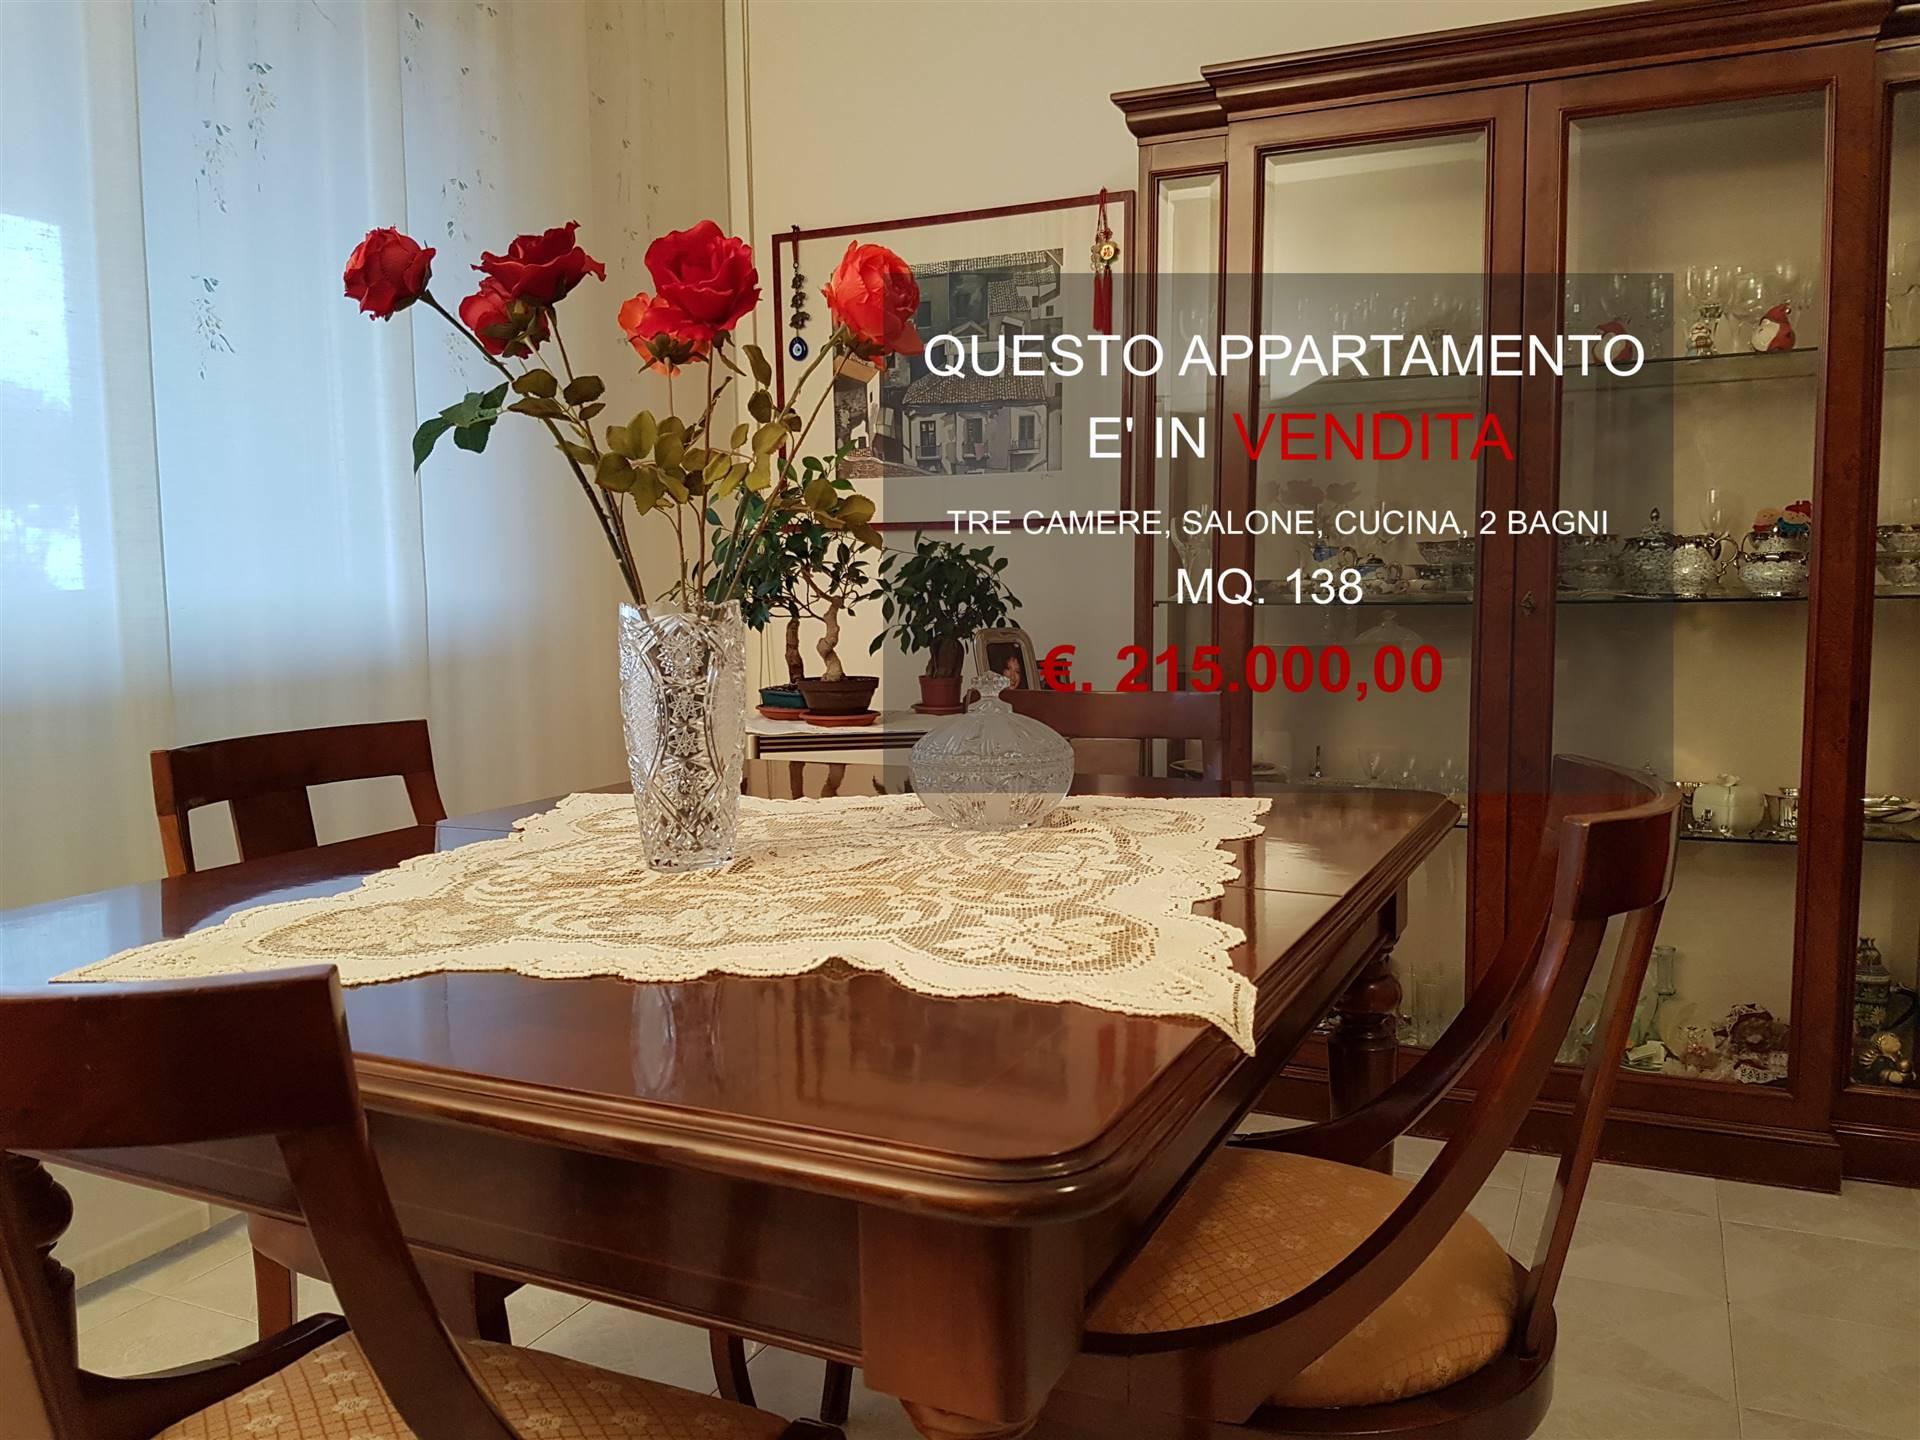 Appartamento in vendita a Civitavecchia, 4 locali, zona Località: CISTERNA FARO, prezzo € 215.000 | CambioCasa.it